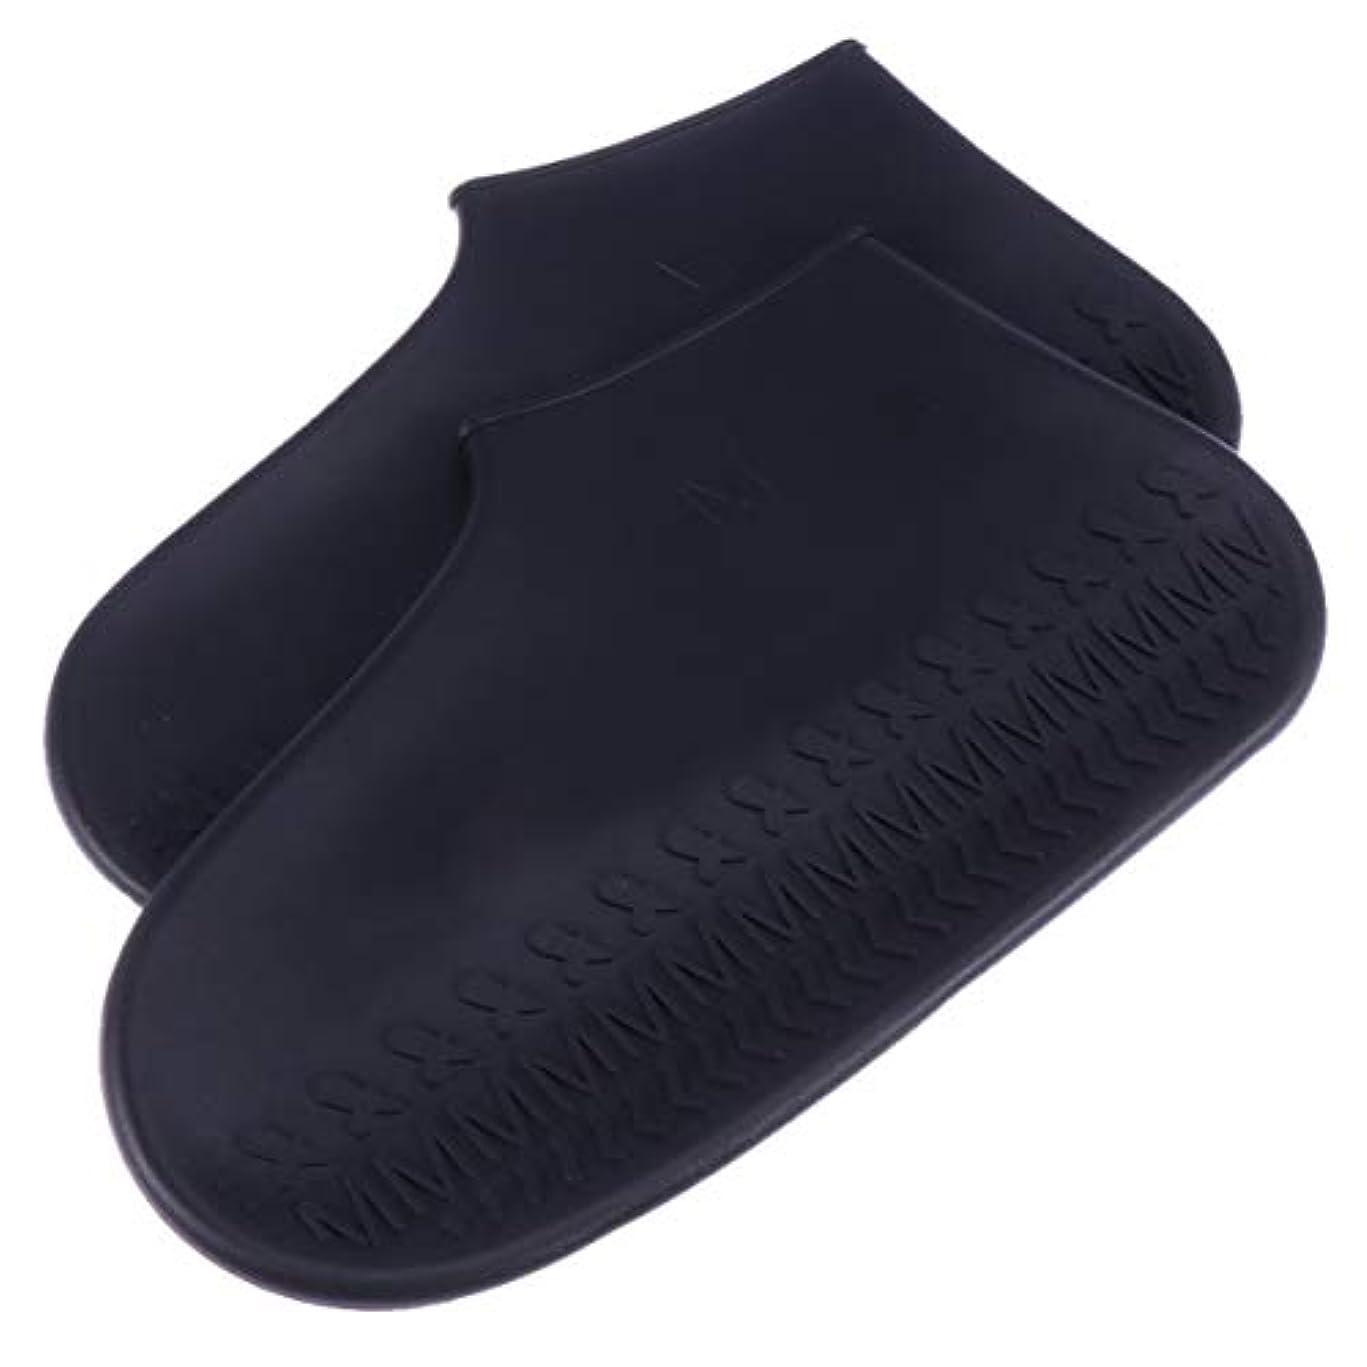 シリンダーチャレンジシロナガスクジラHealifty シューズカバー 防水 靴カバー 滑り止め 耐摩耗 携帯便利 梅雨対策 男女兼用